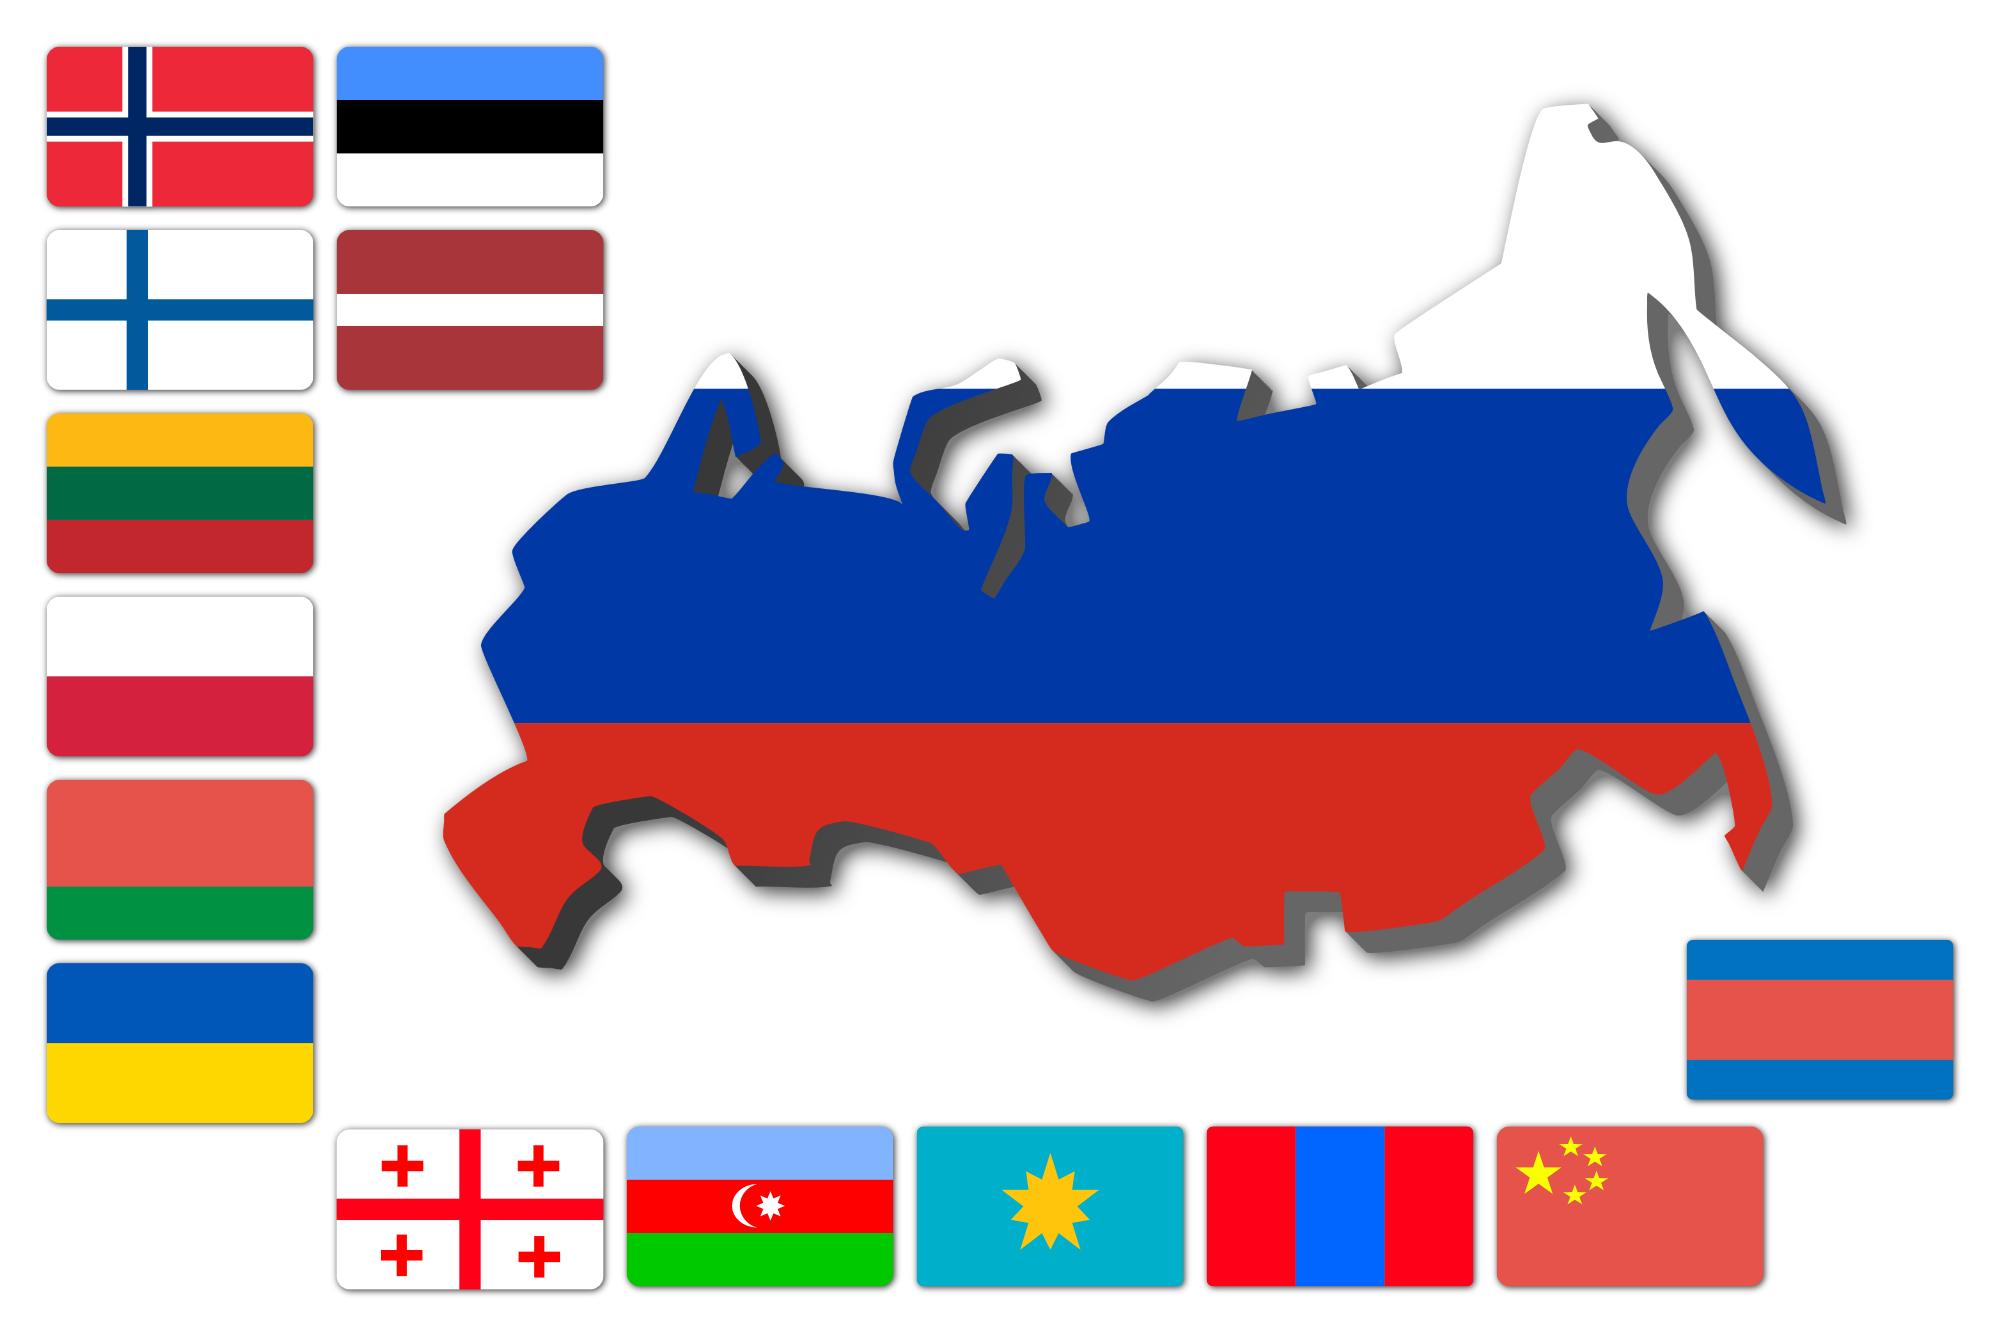 nachbarlaender-russland